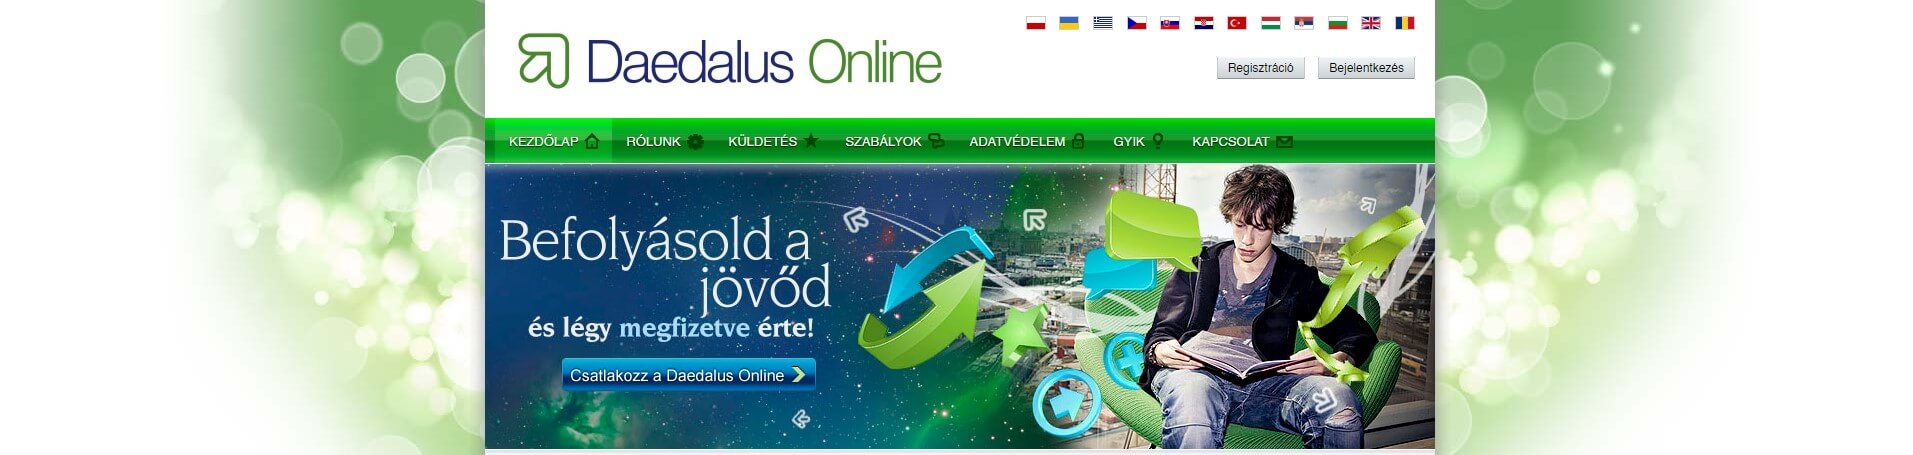 az interneten való pénzkeresés valós)